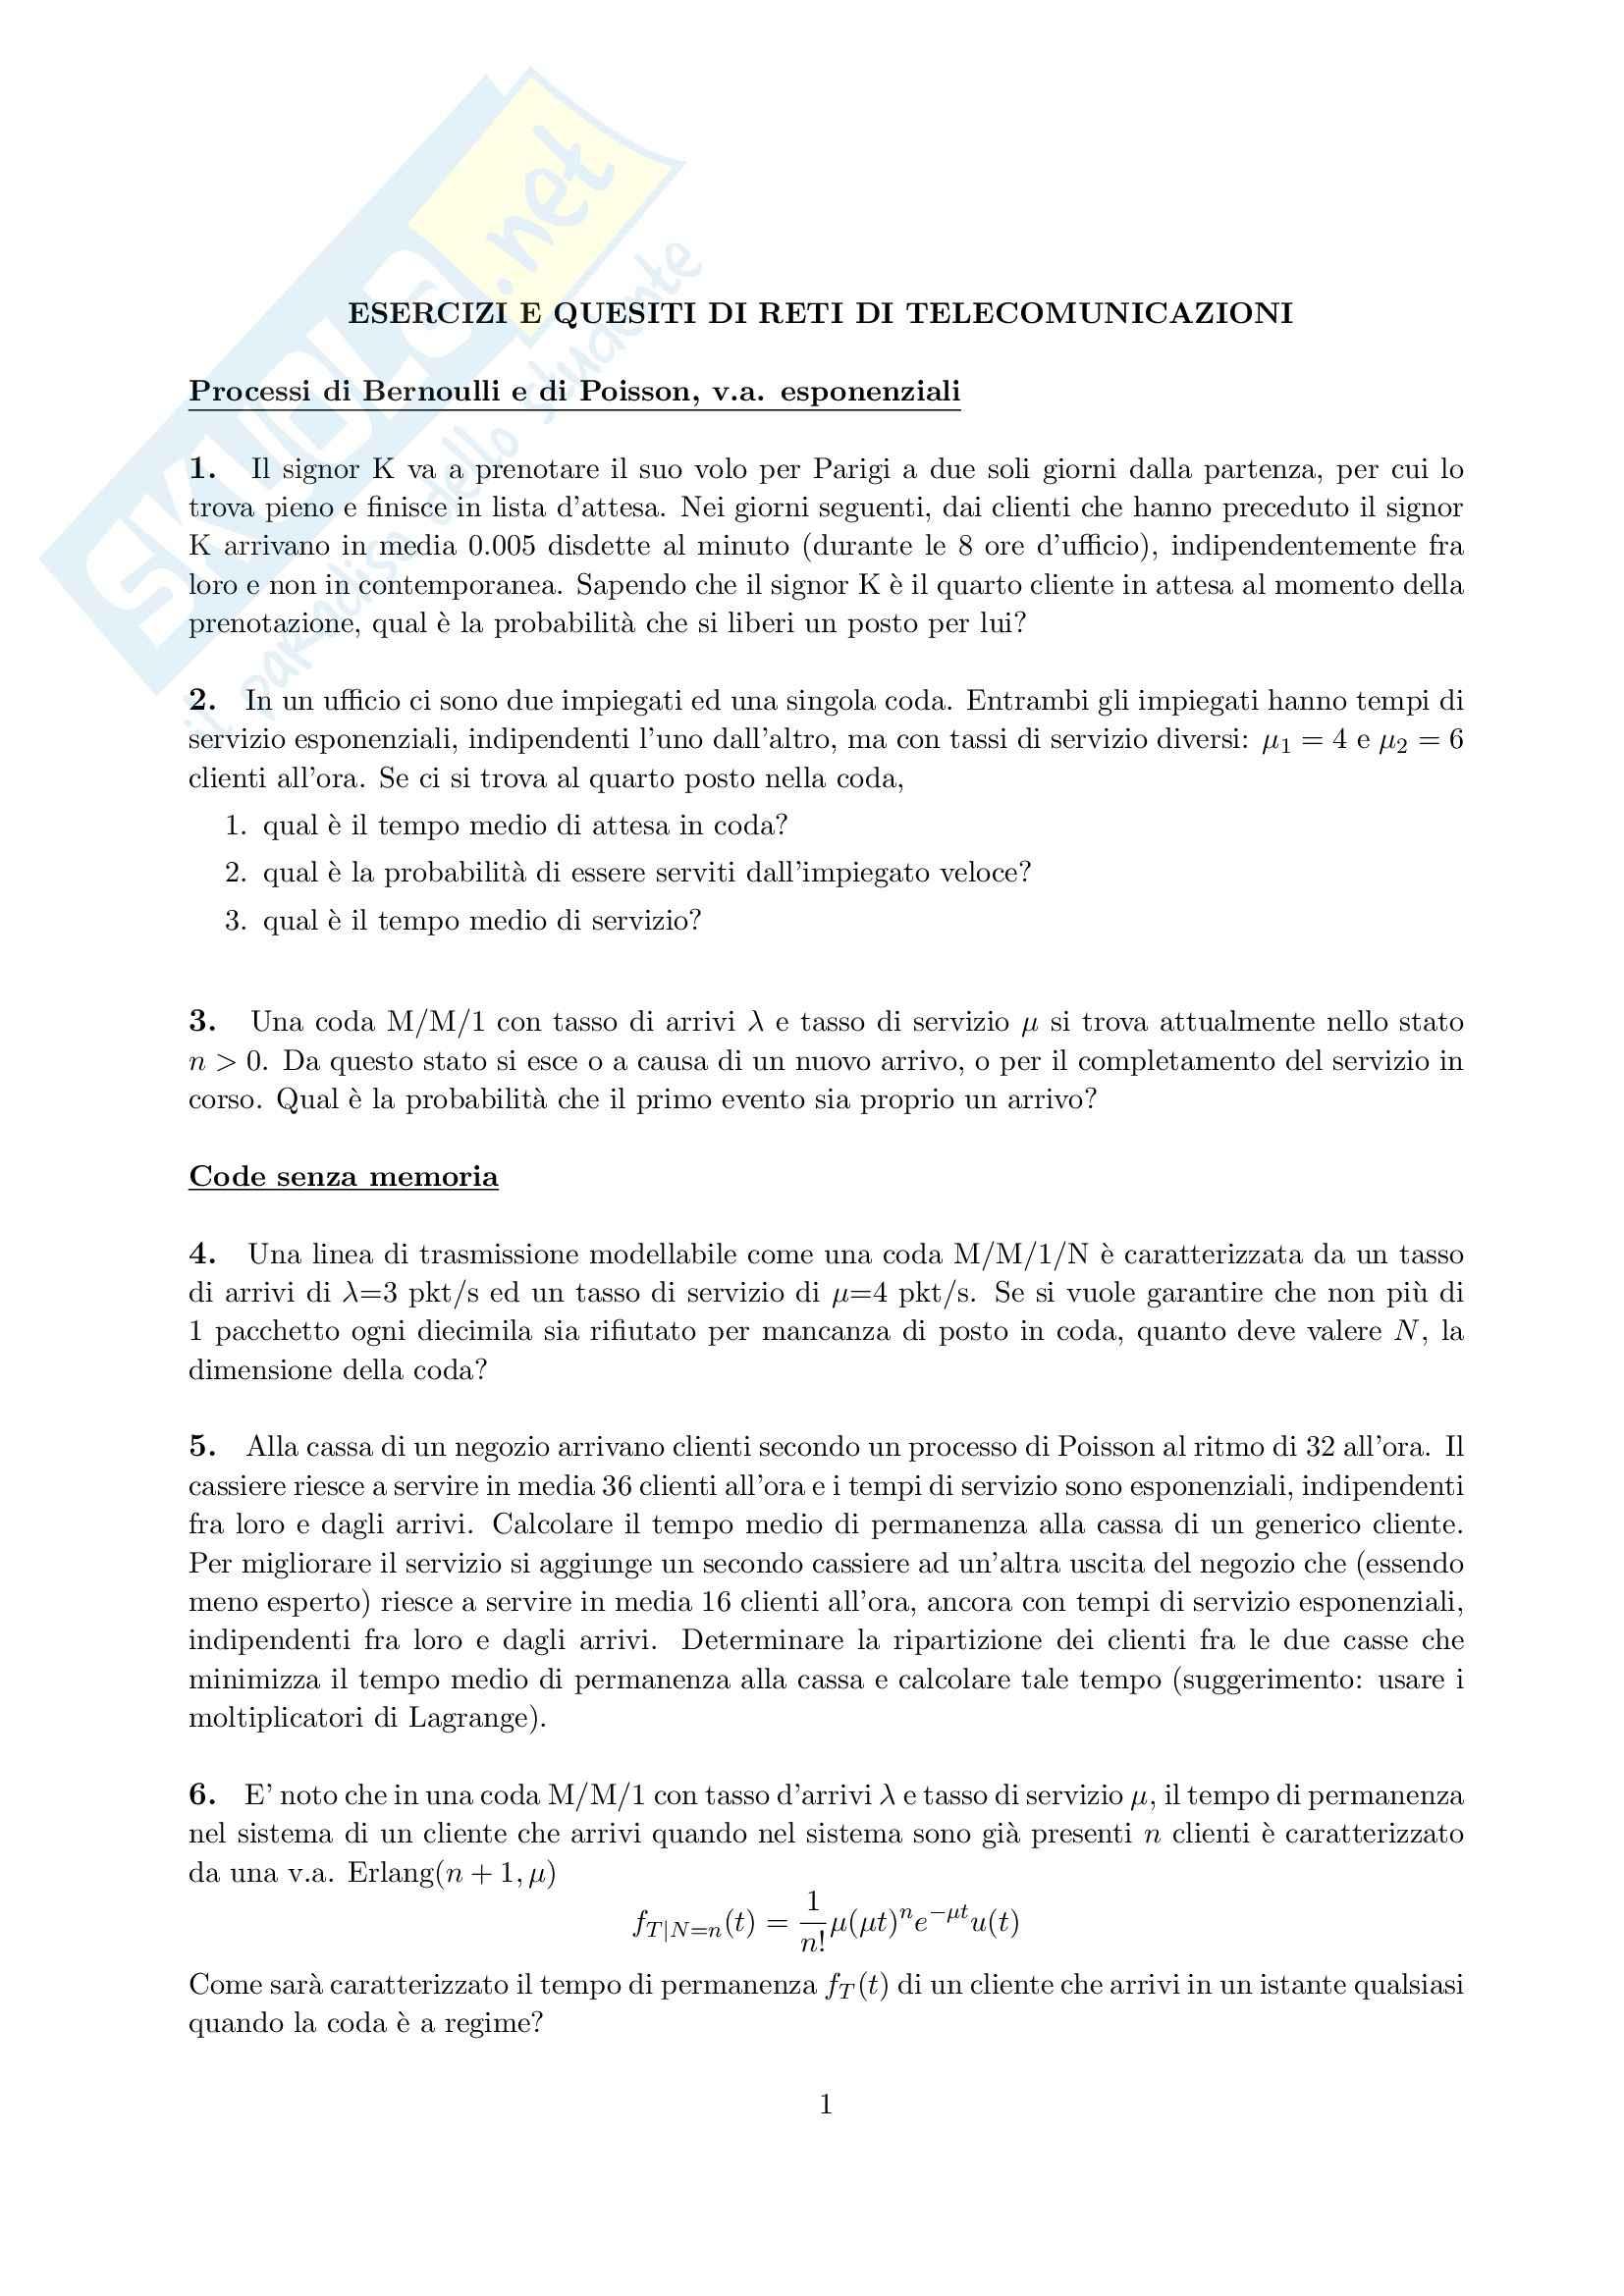 Reti di telecomunicazioni - esercizi e quesiti reti di telecomunicazioni